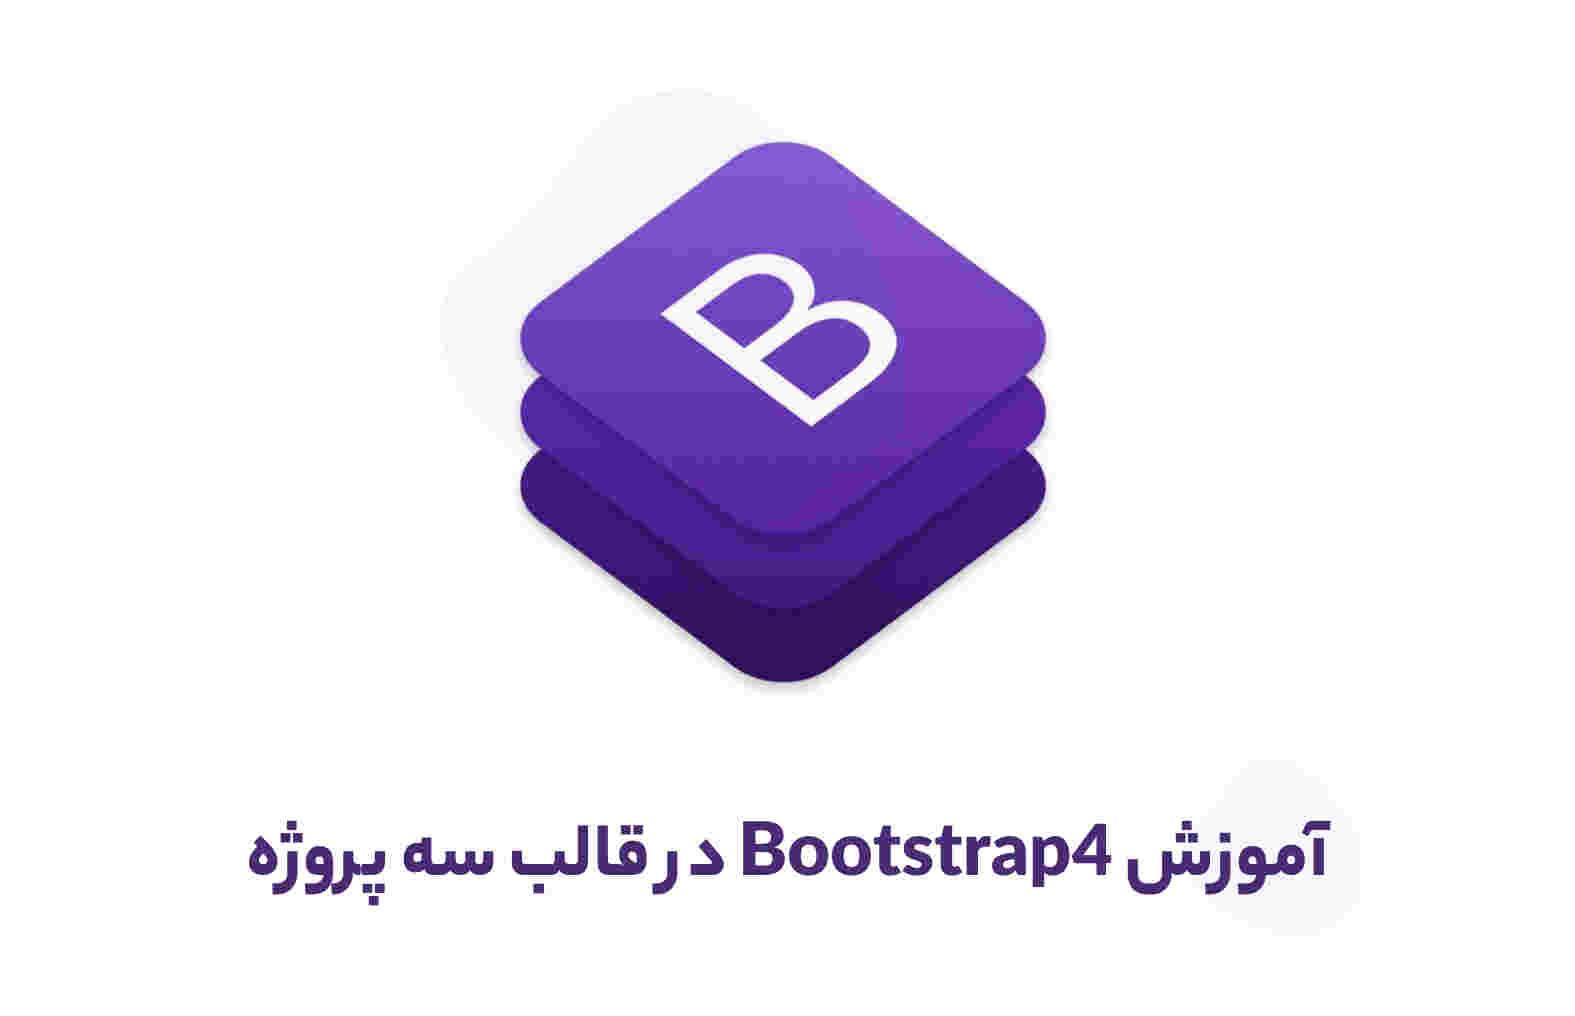 آموزش Bootstrap4 در قالب سه پروژه عملی و کاربردی